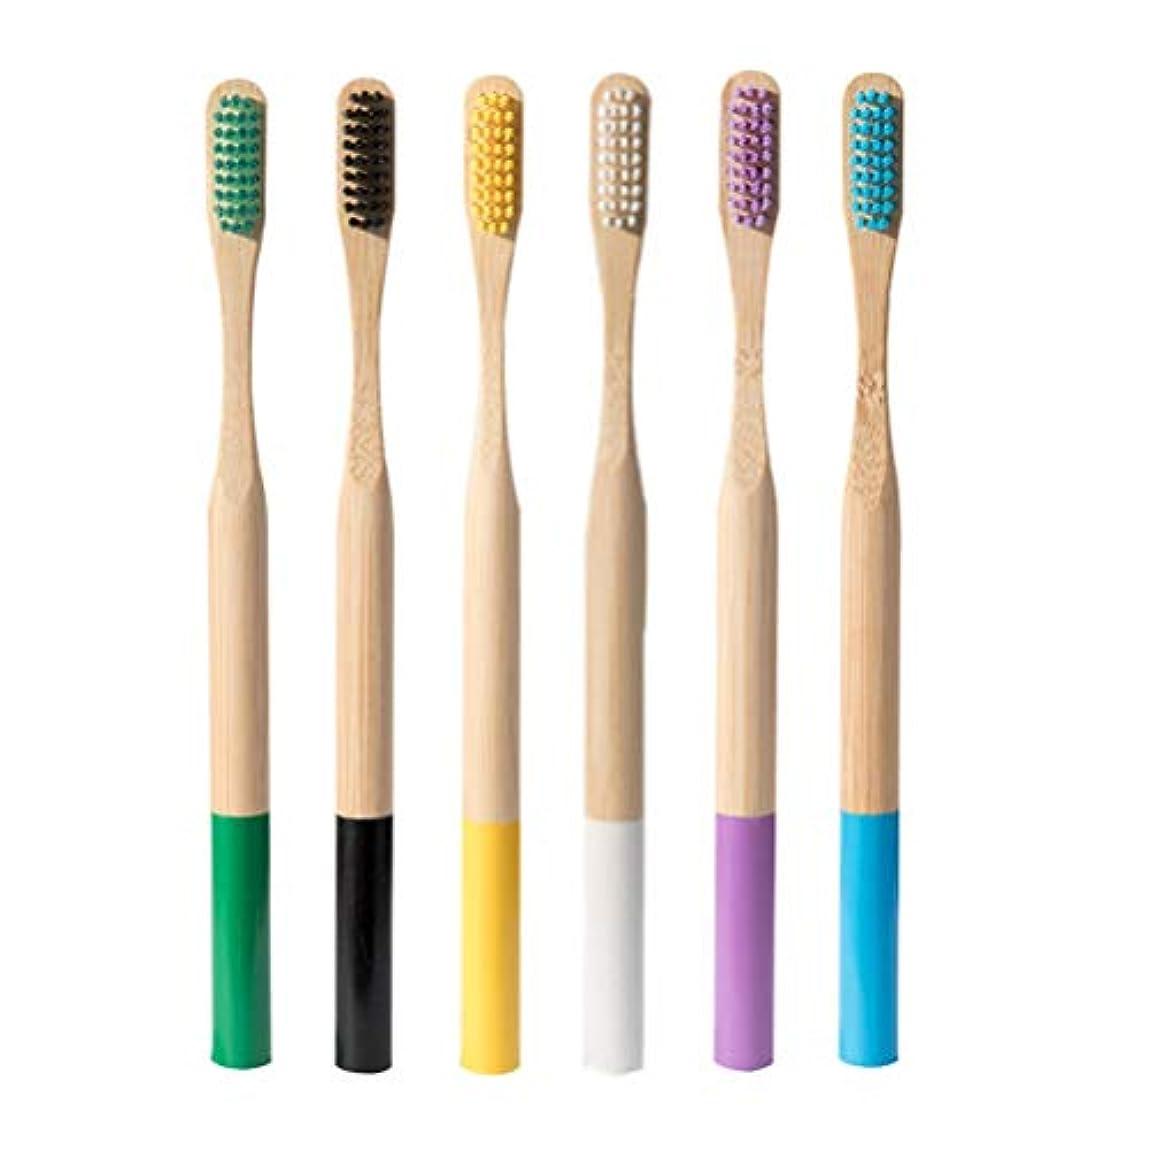 切る連合ぼろHealifty 歯ブラシ環境に優しい竹歯ブラシ6pcs